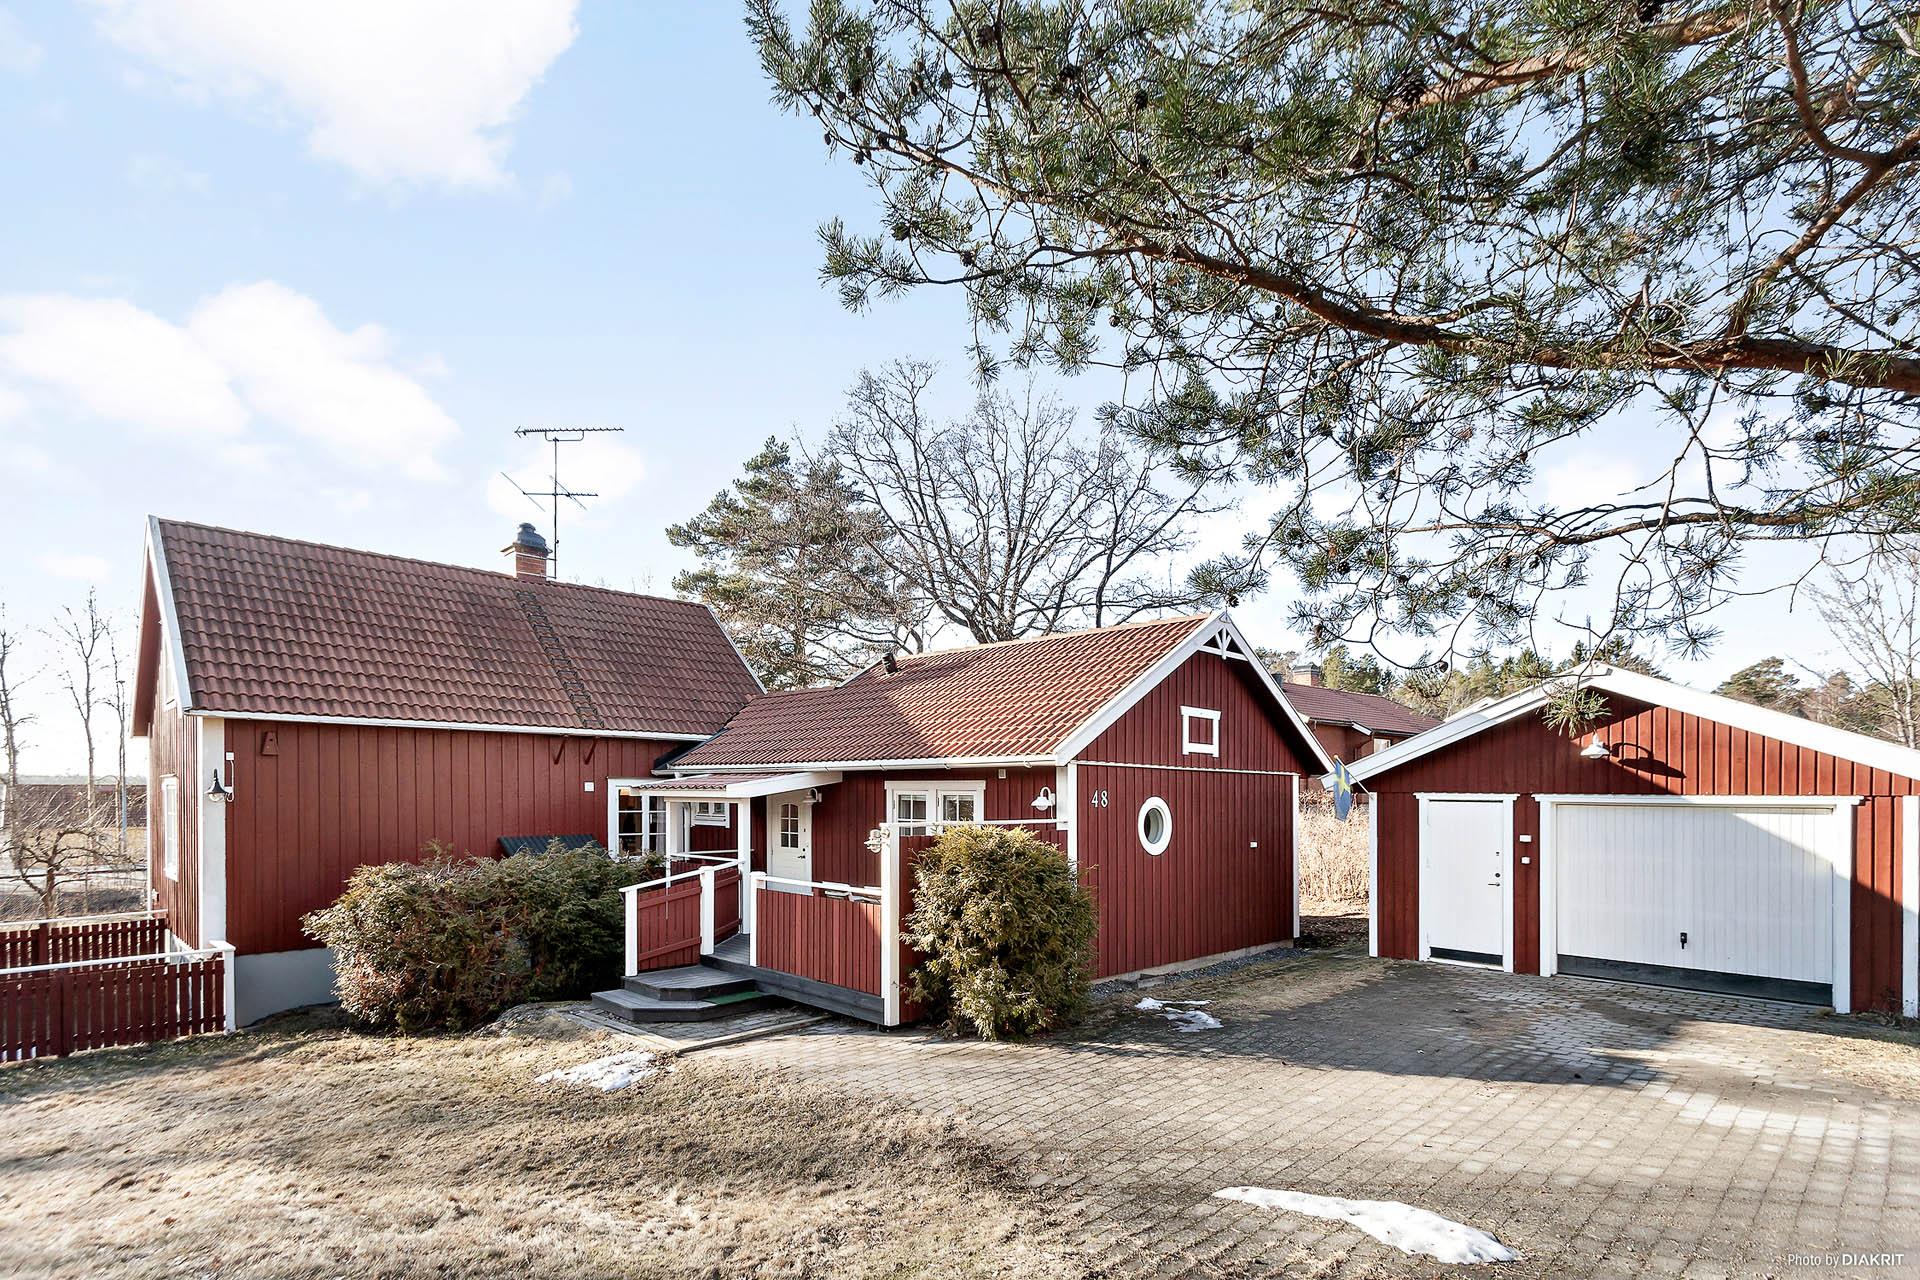 Varmt välkommen till Gränsvägen 48, rymlig villa med garage